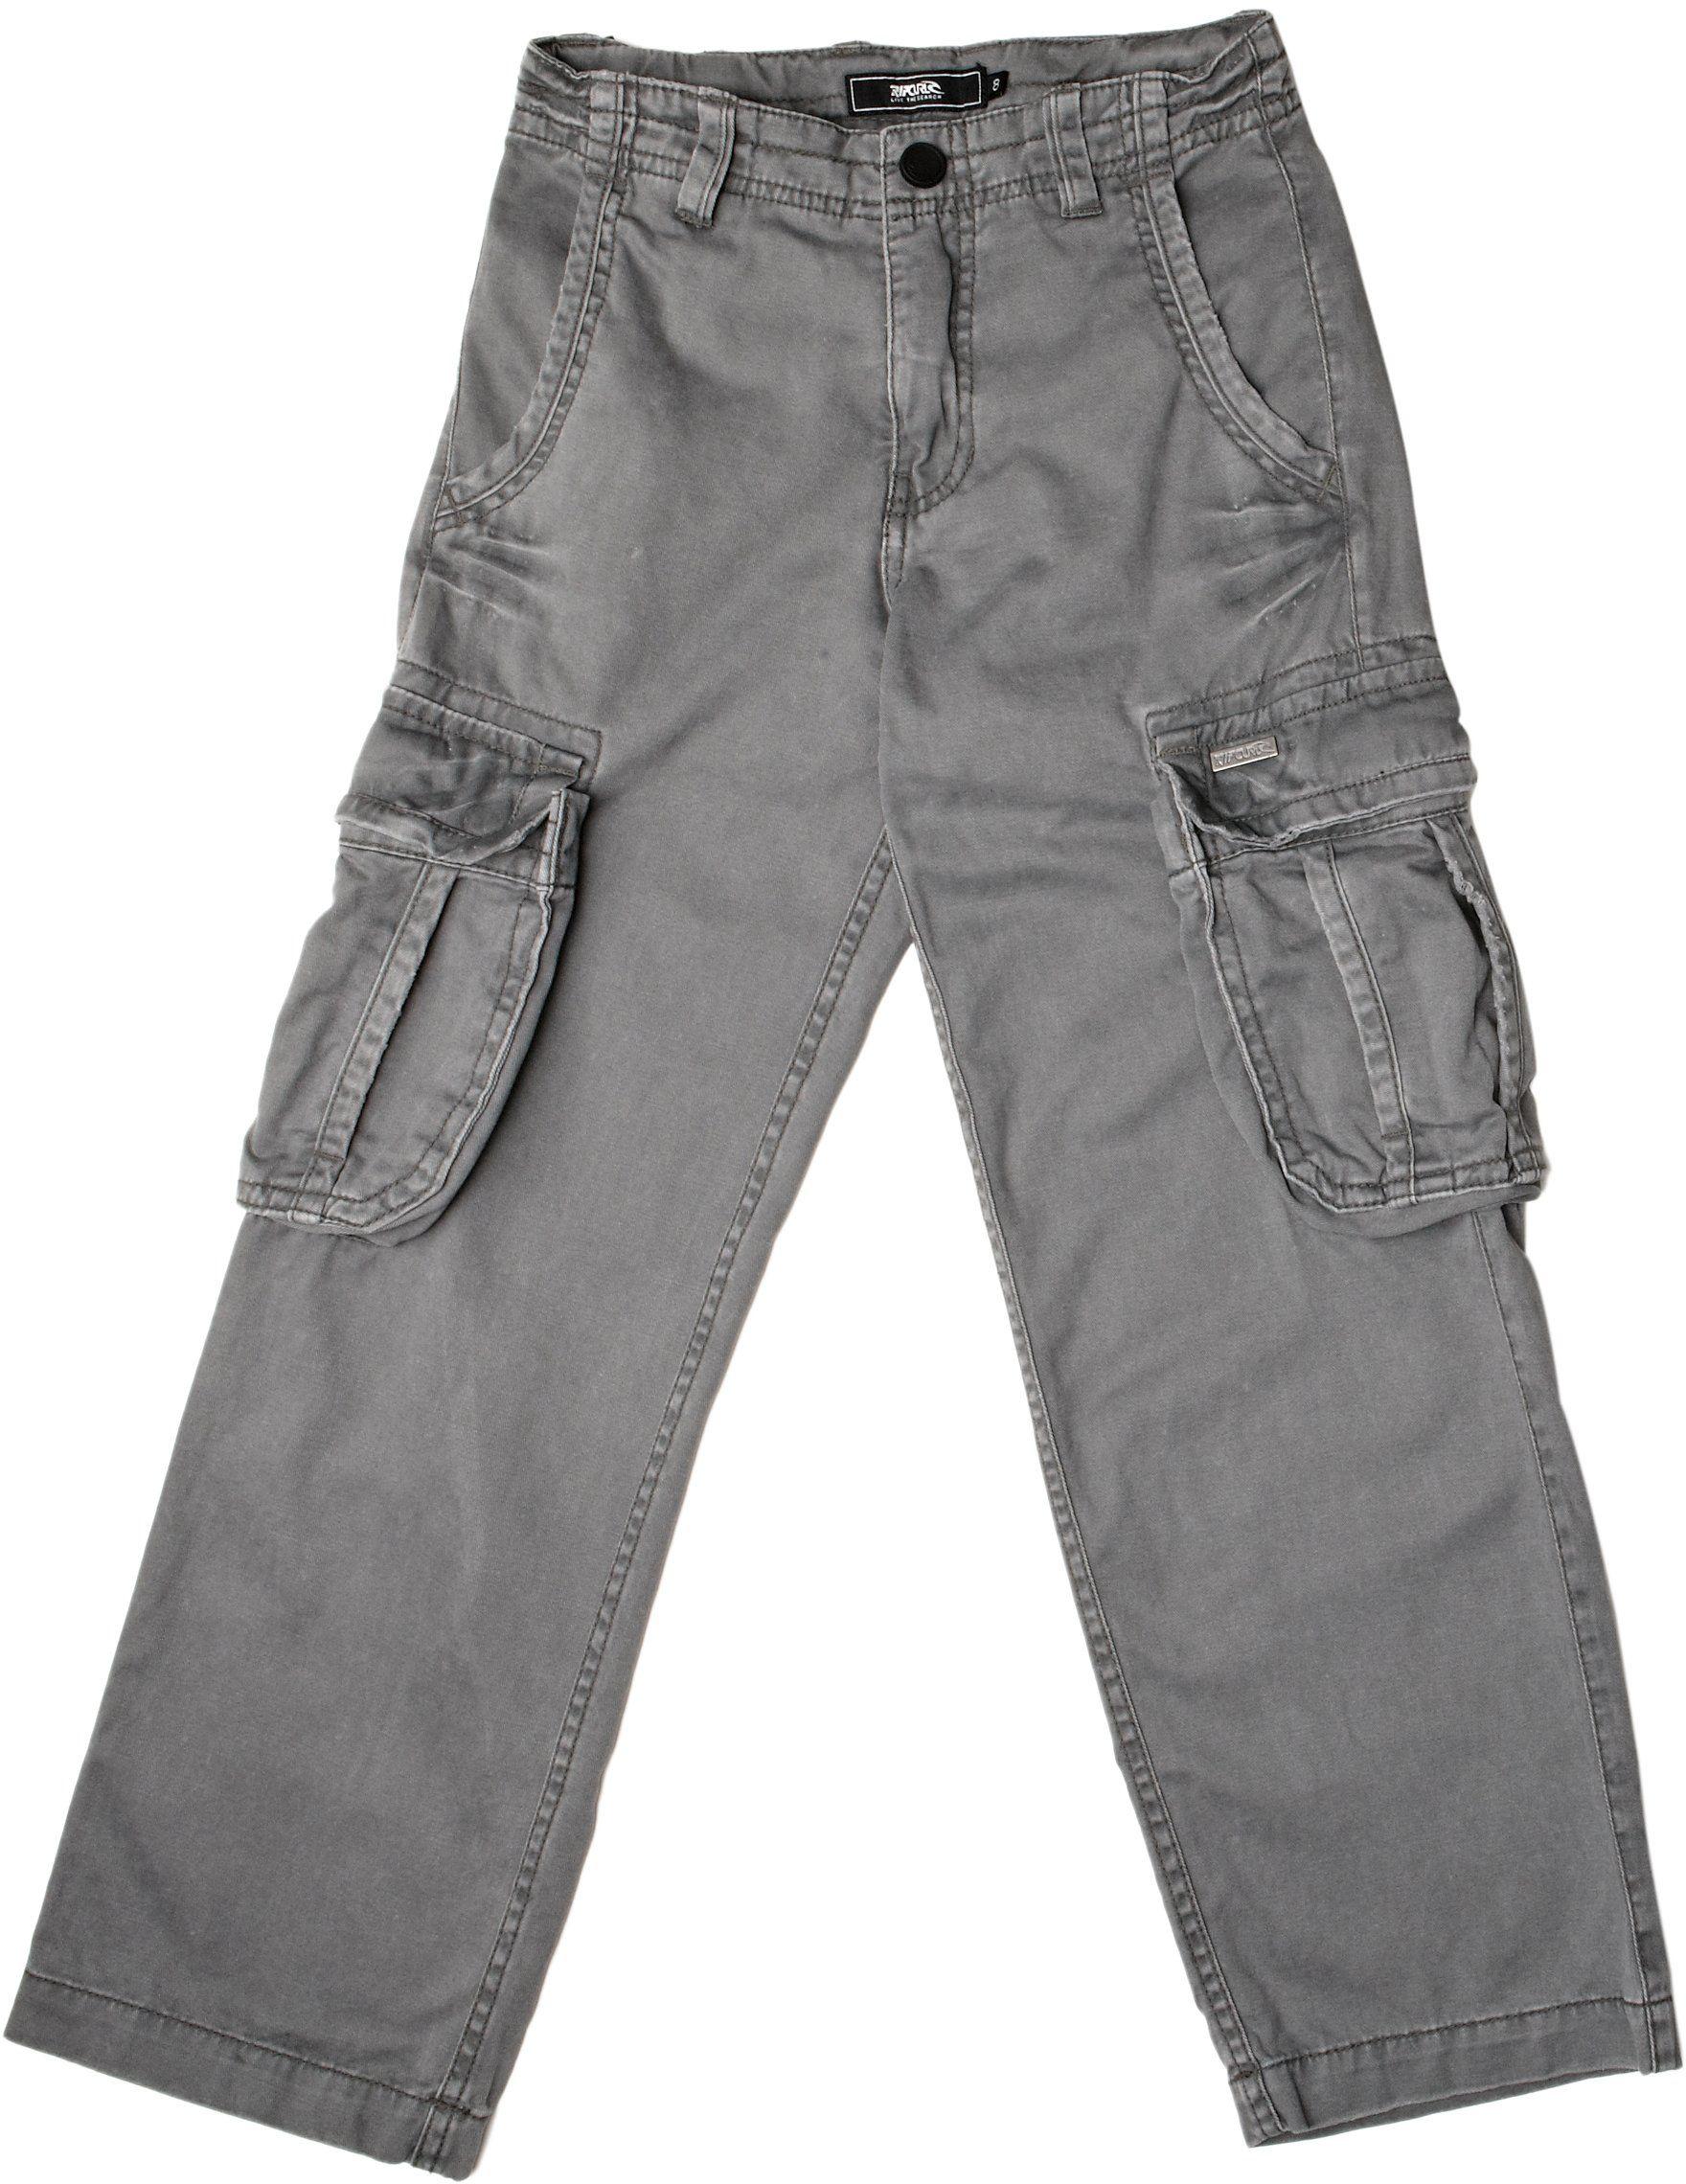 RIP CURL Derick Cargo spodnie chłopięce antracyt 16 lat